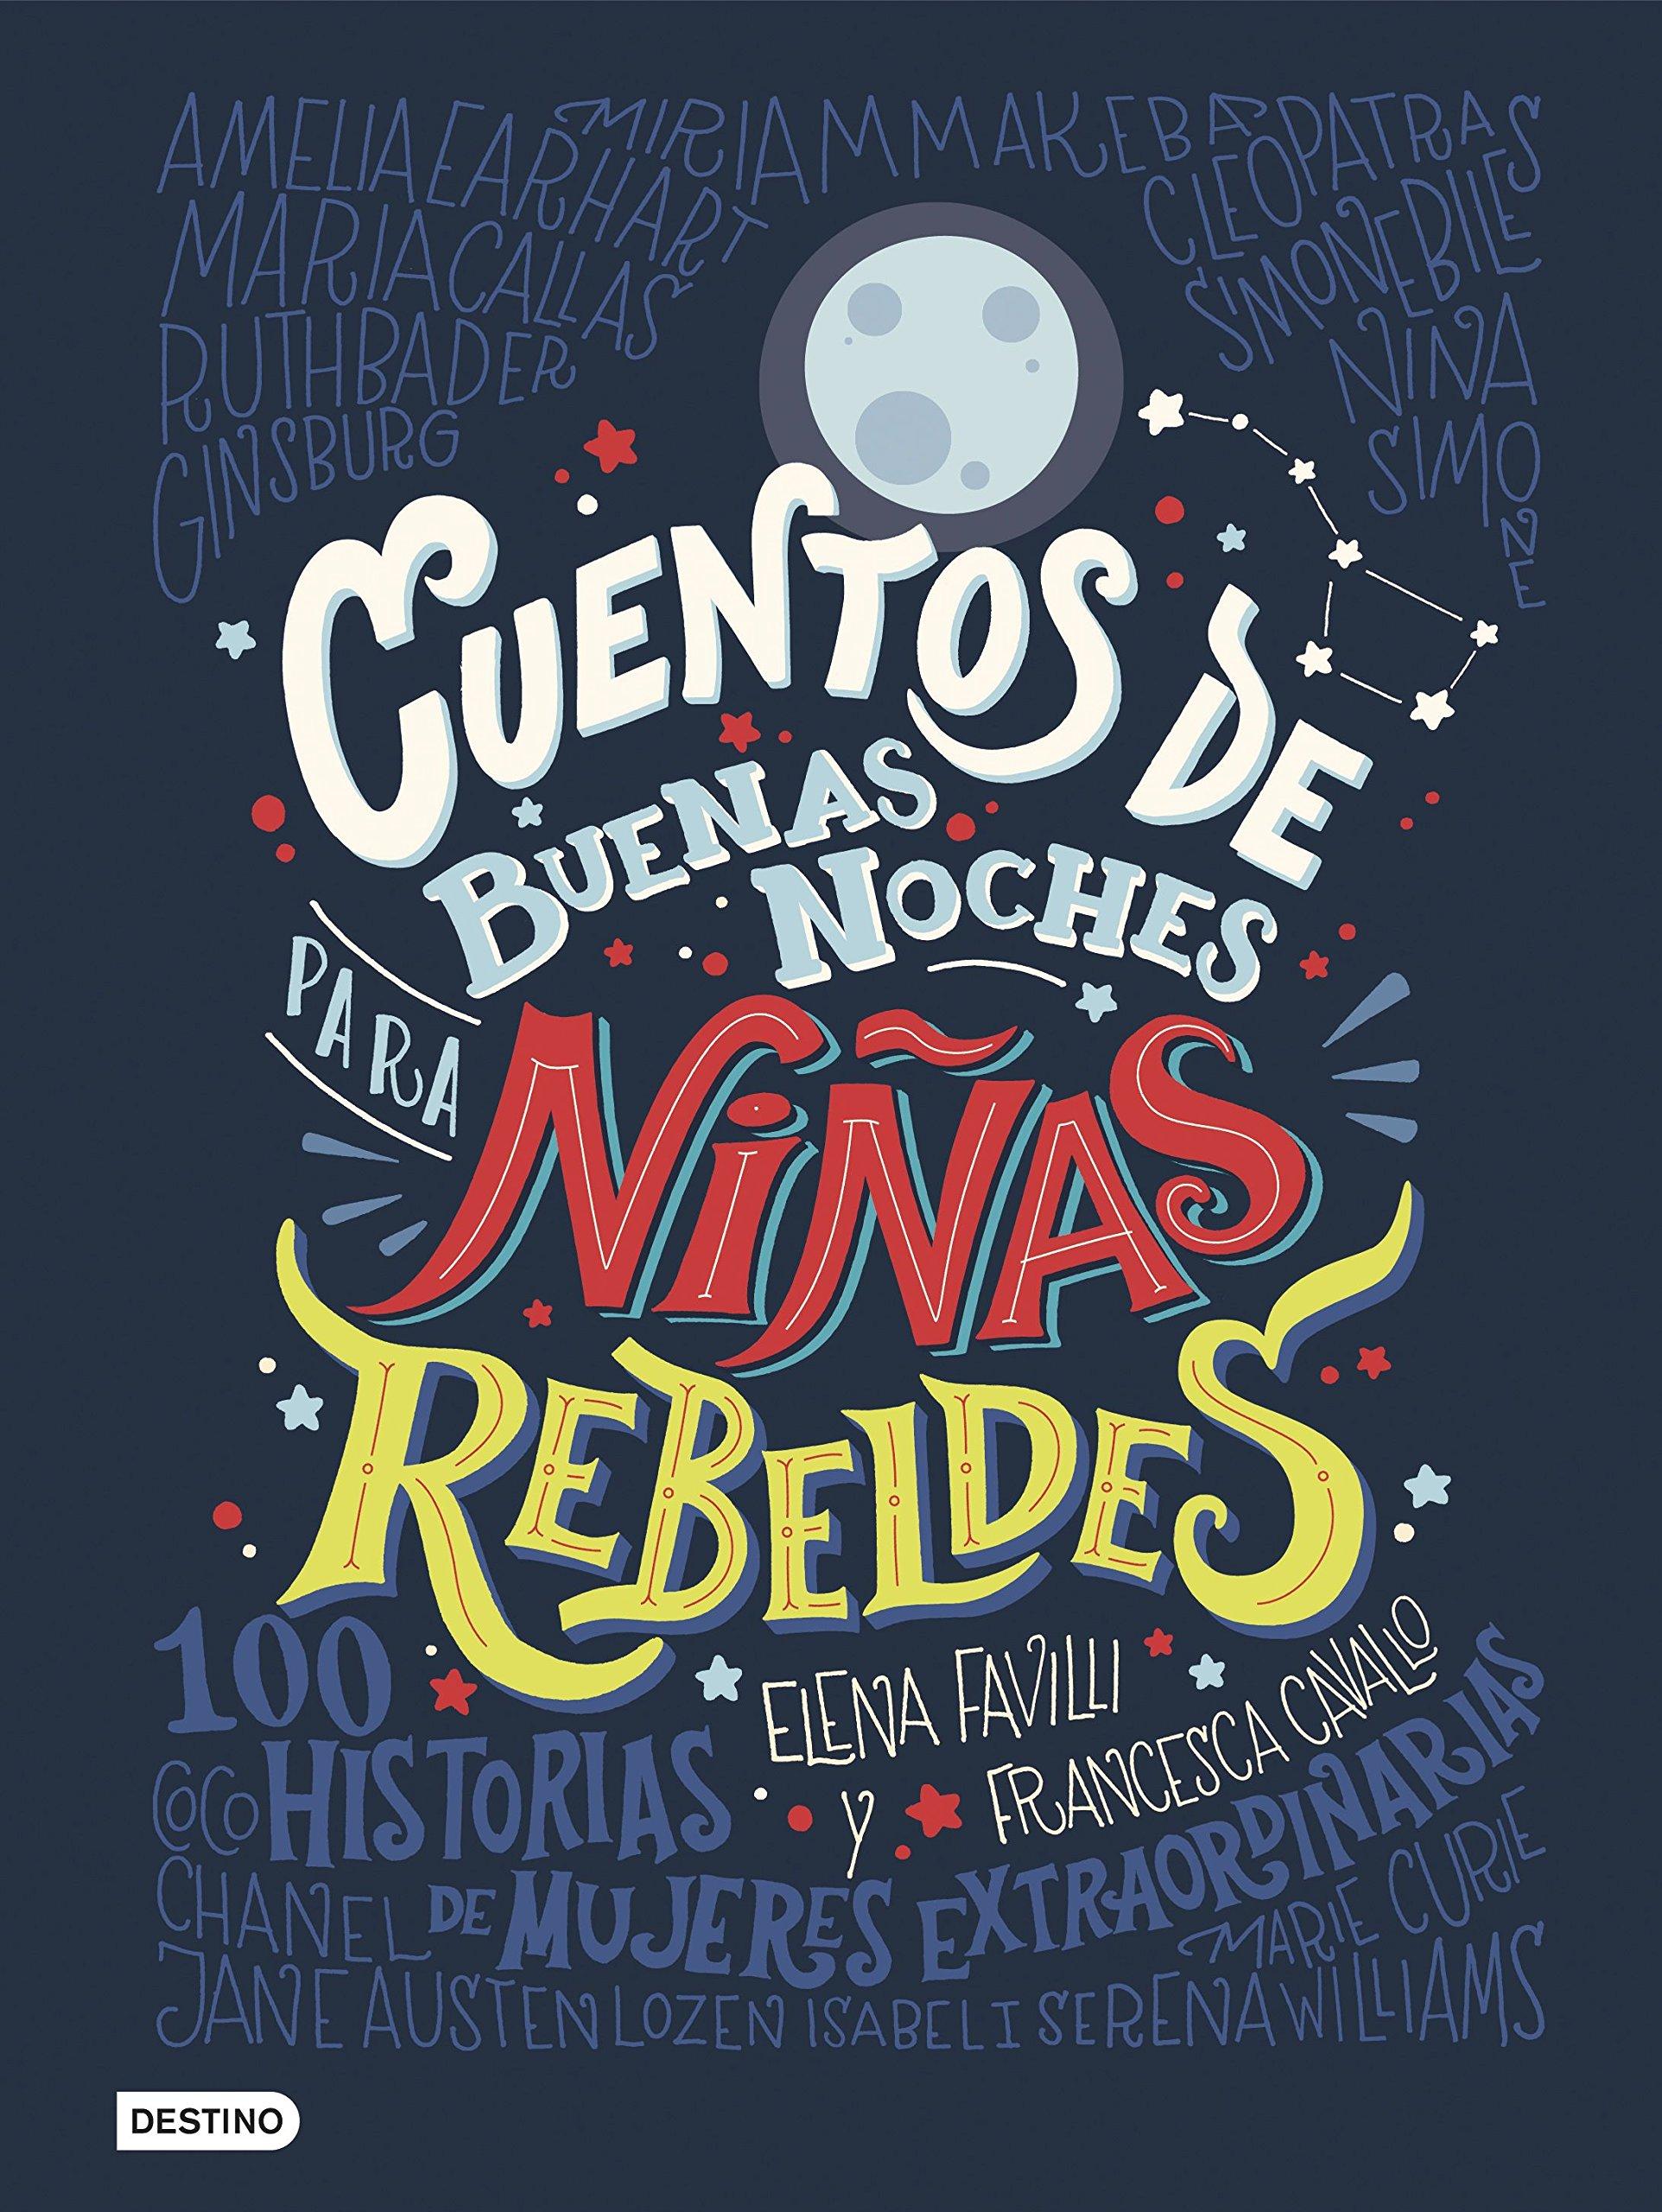 Cuentos de buenas noches para niñas rebeldes: 100 historias de ...